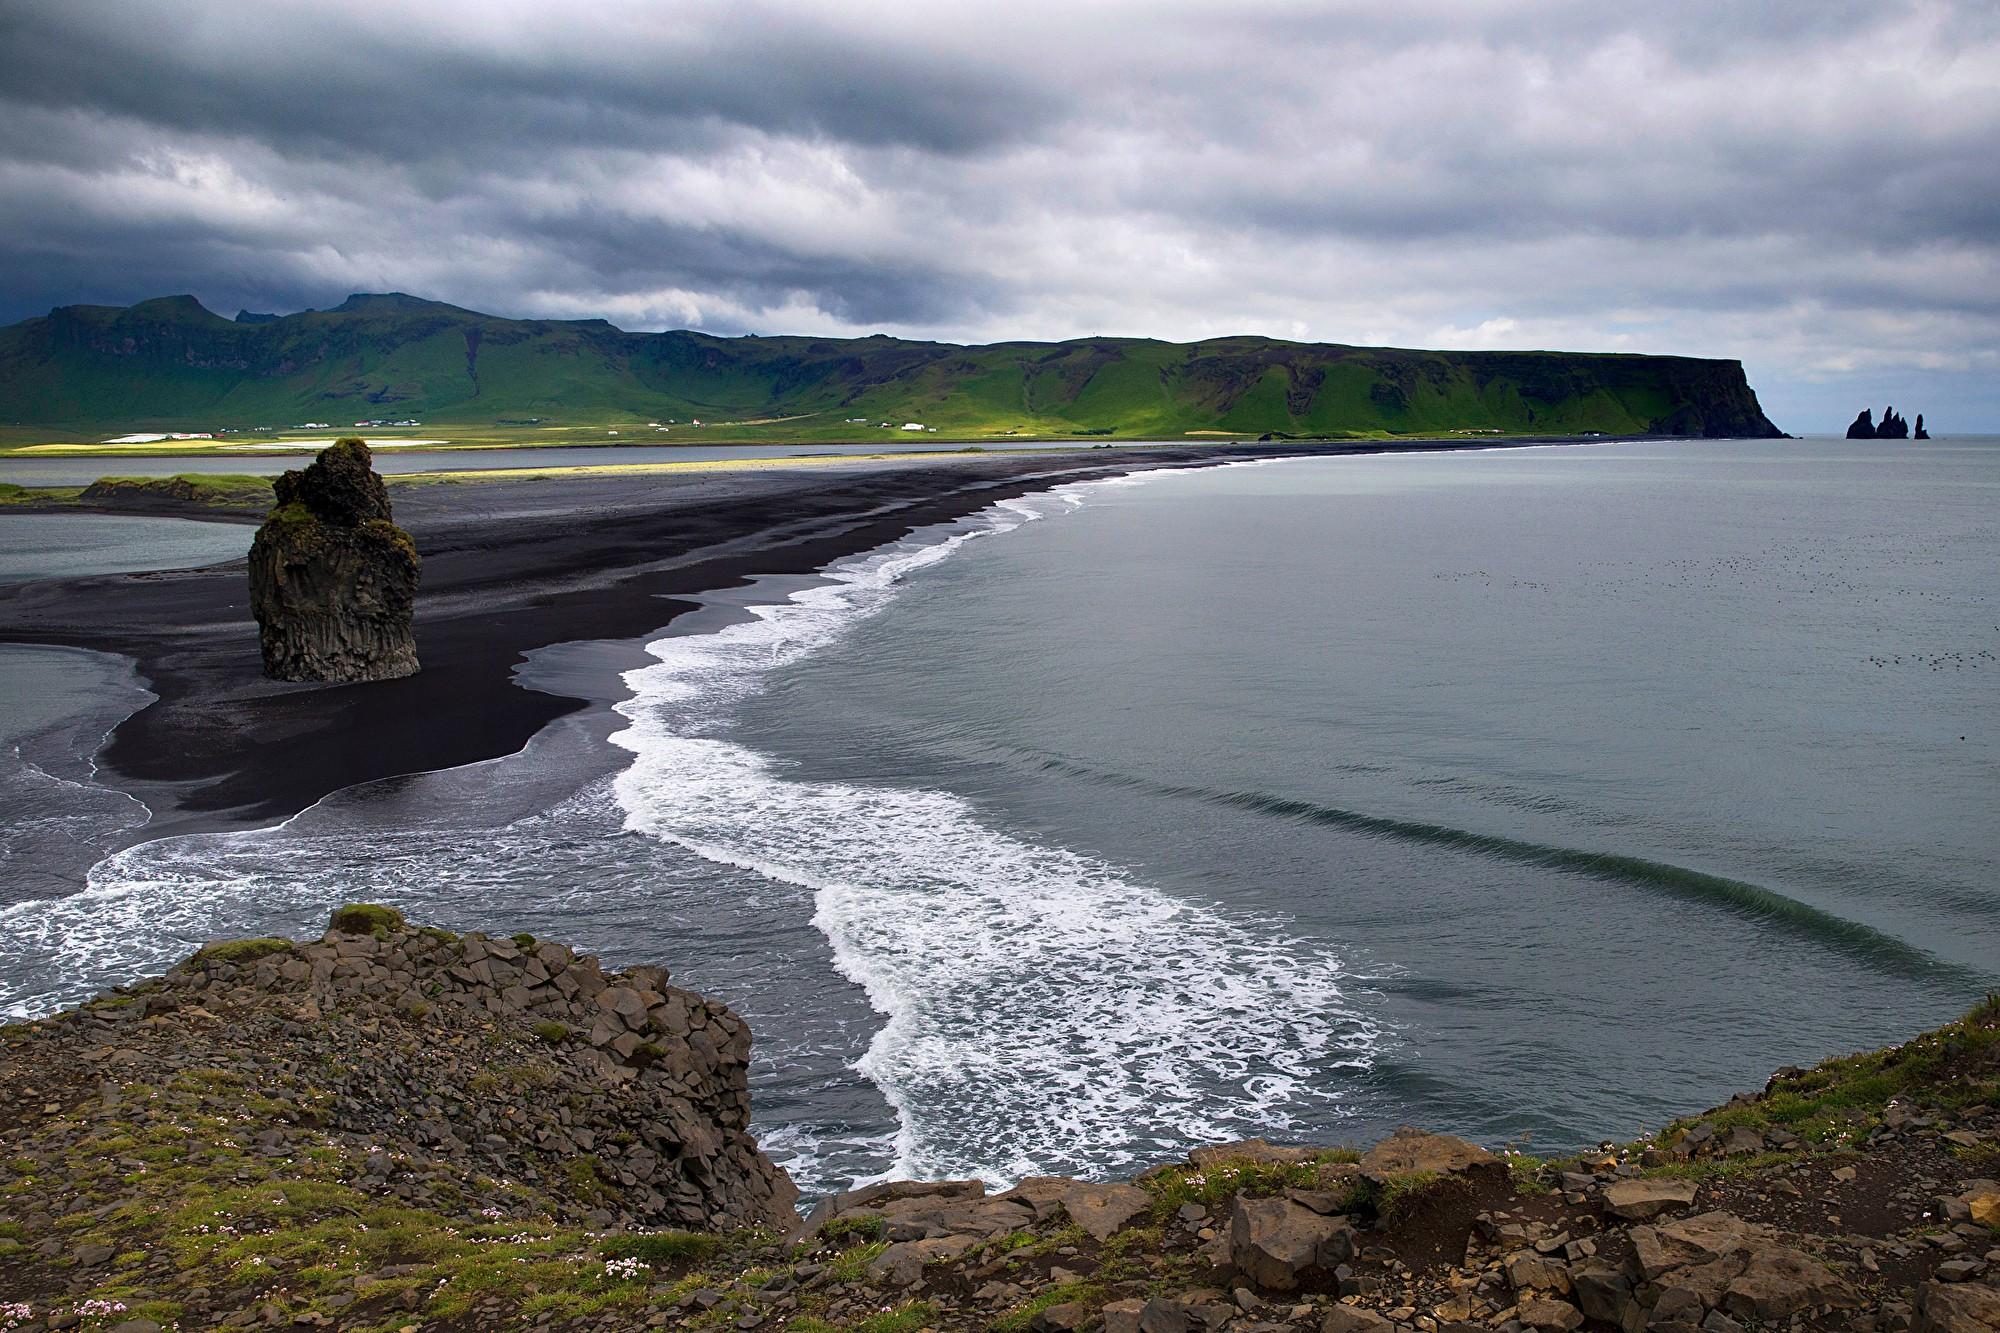 冰島知名景點「飛機殘骸」驚見2中國人屍體